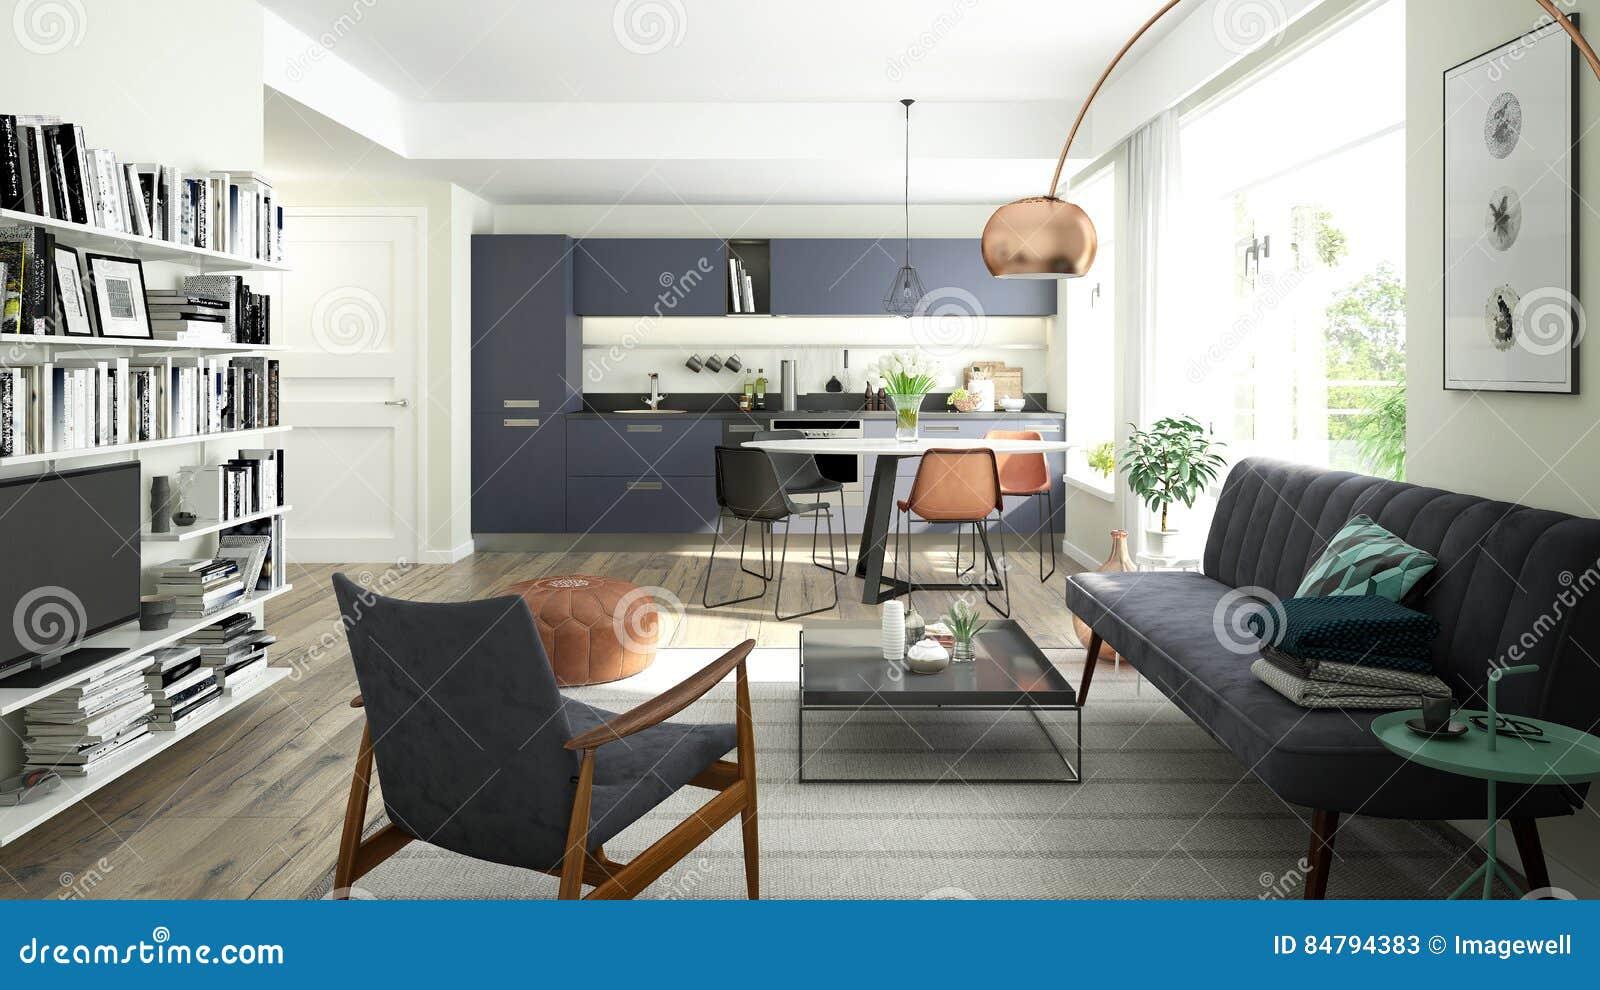 Modernes Wohnzimmer Mit Einer Offenen Küche Stock Abbildung ...